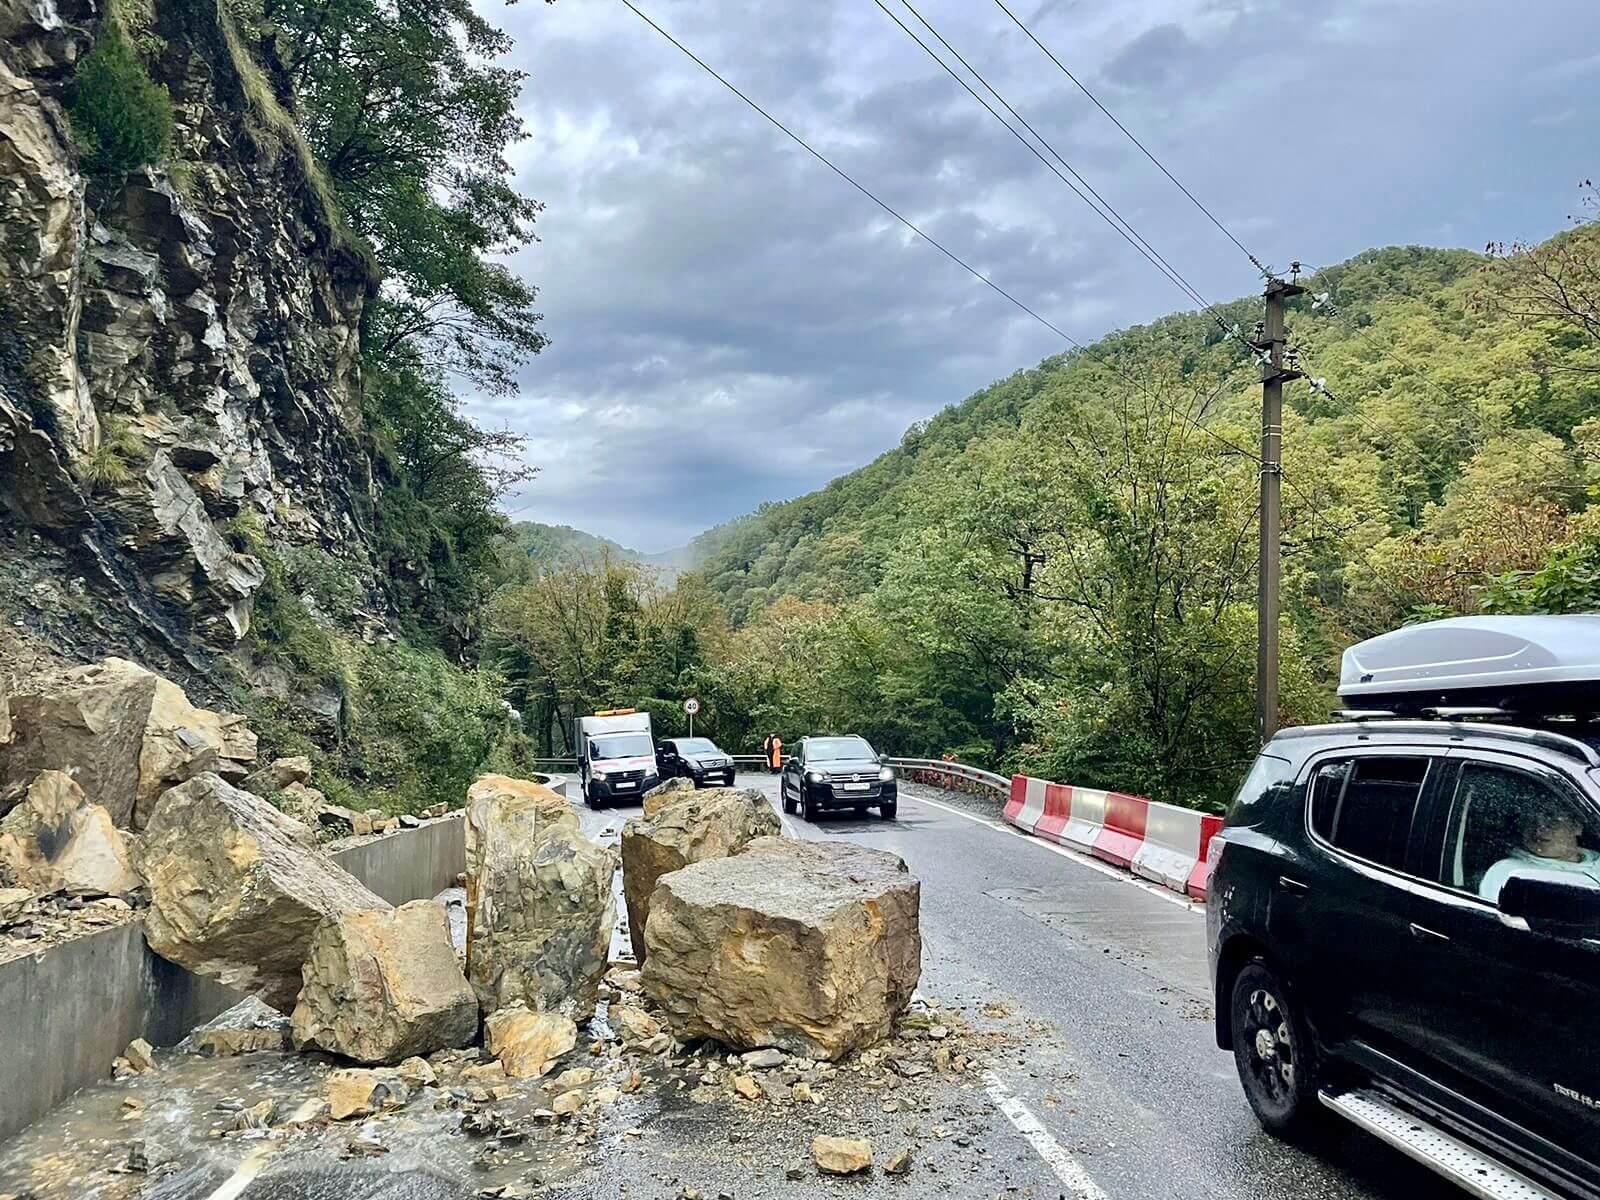 В Сочи огромные камни обрушились на трассу, частично перегородив проезжую часть